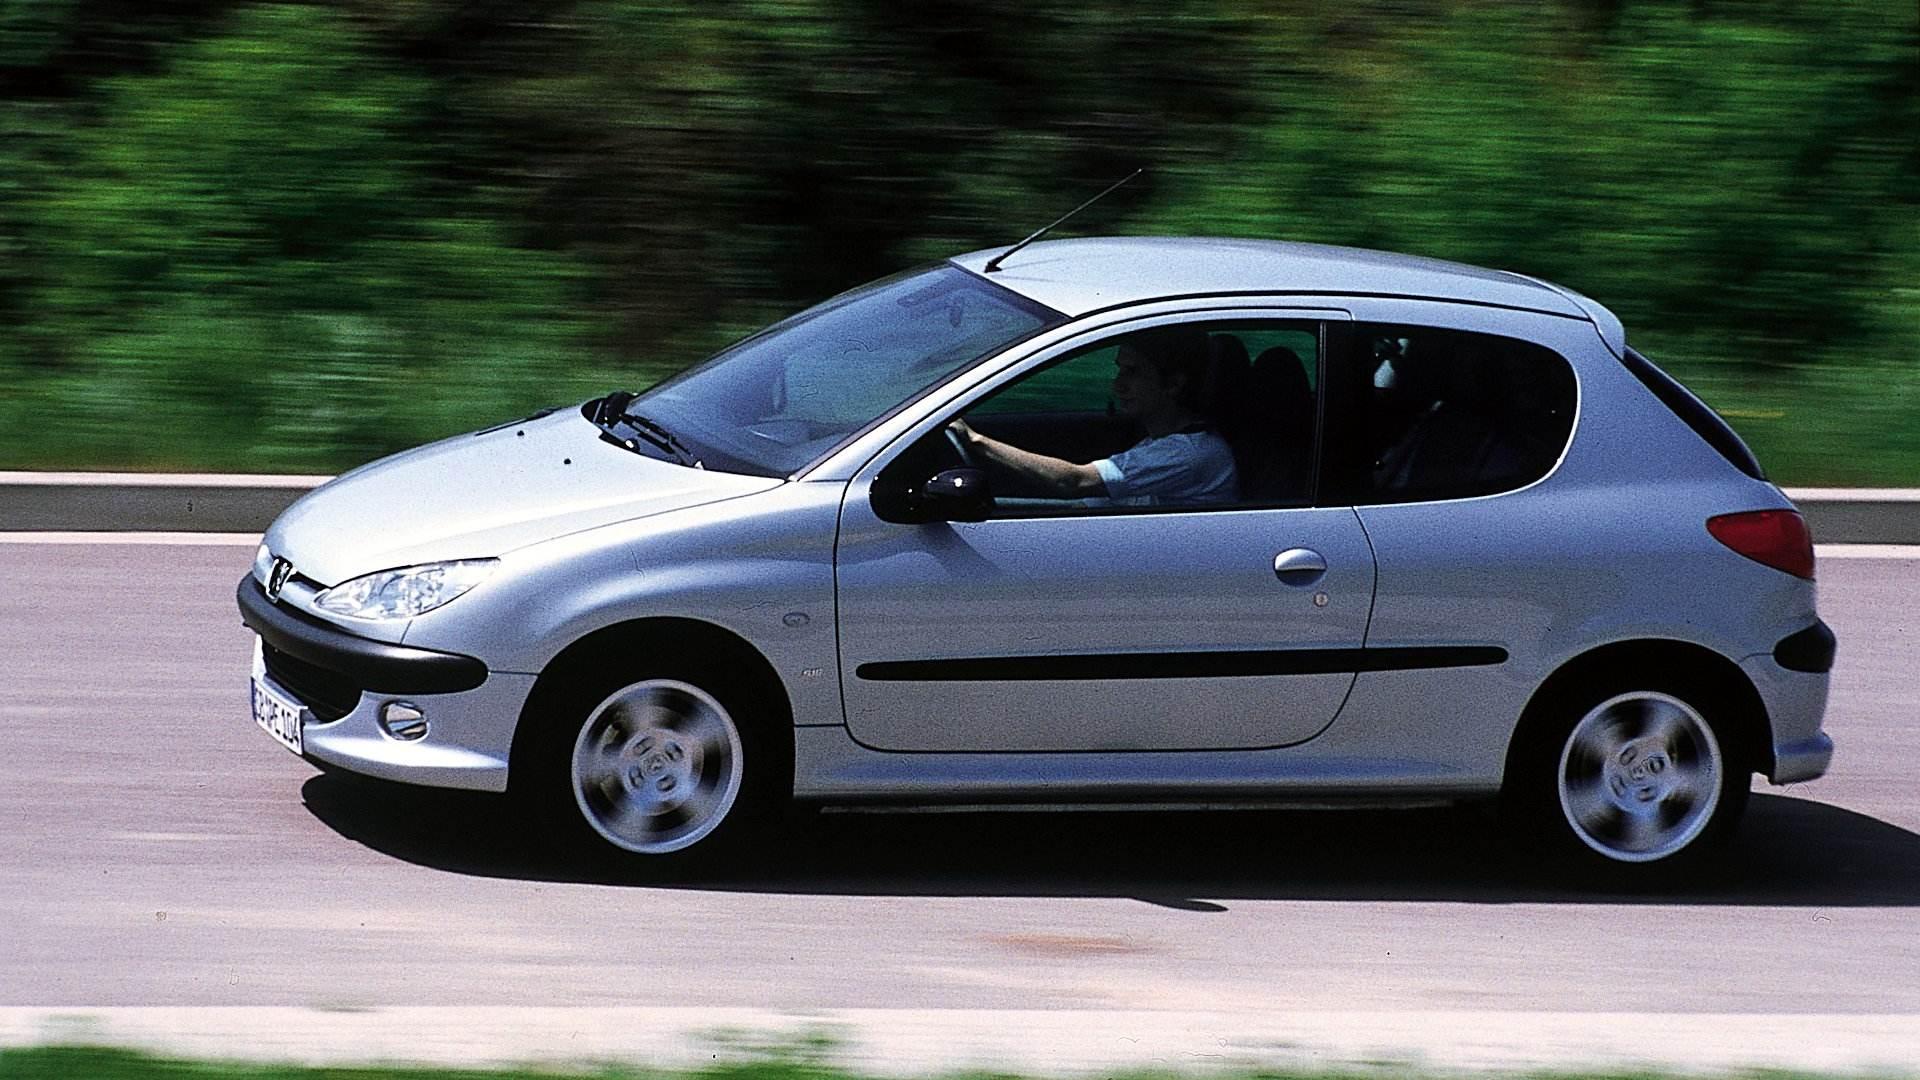 Coche del día: Peugeot 206 GTi 2.0